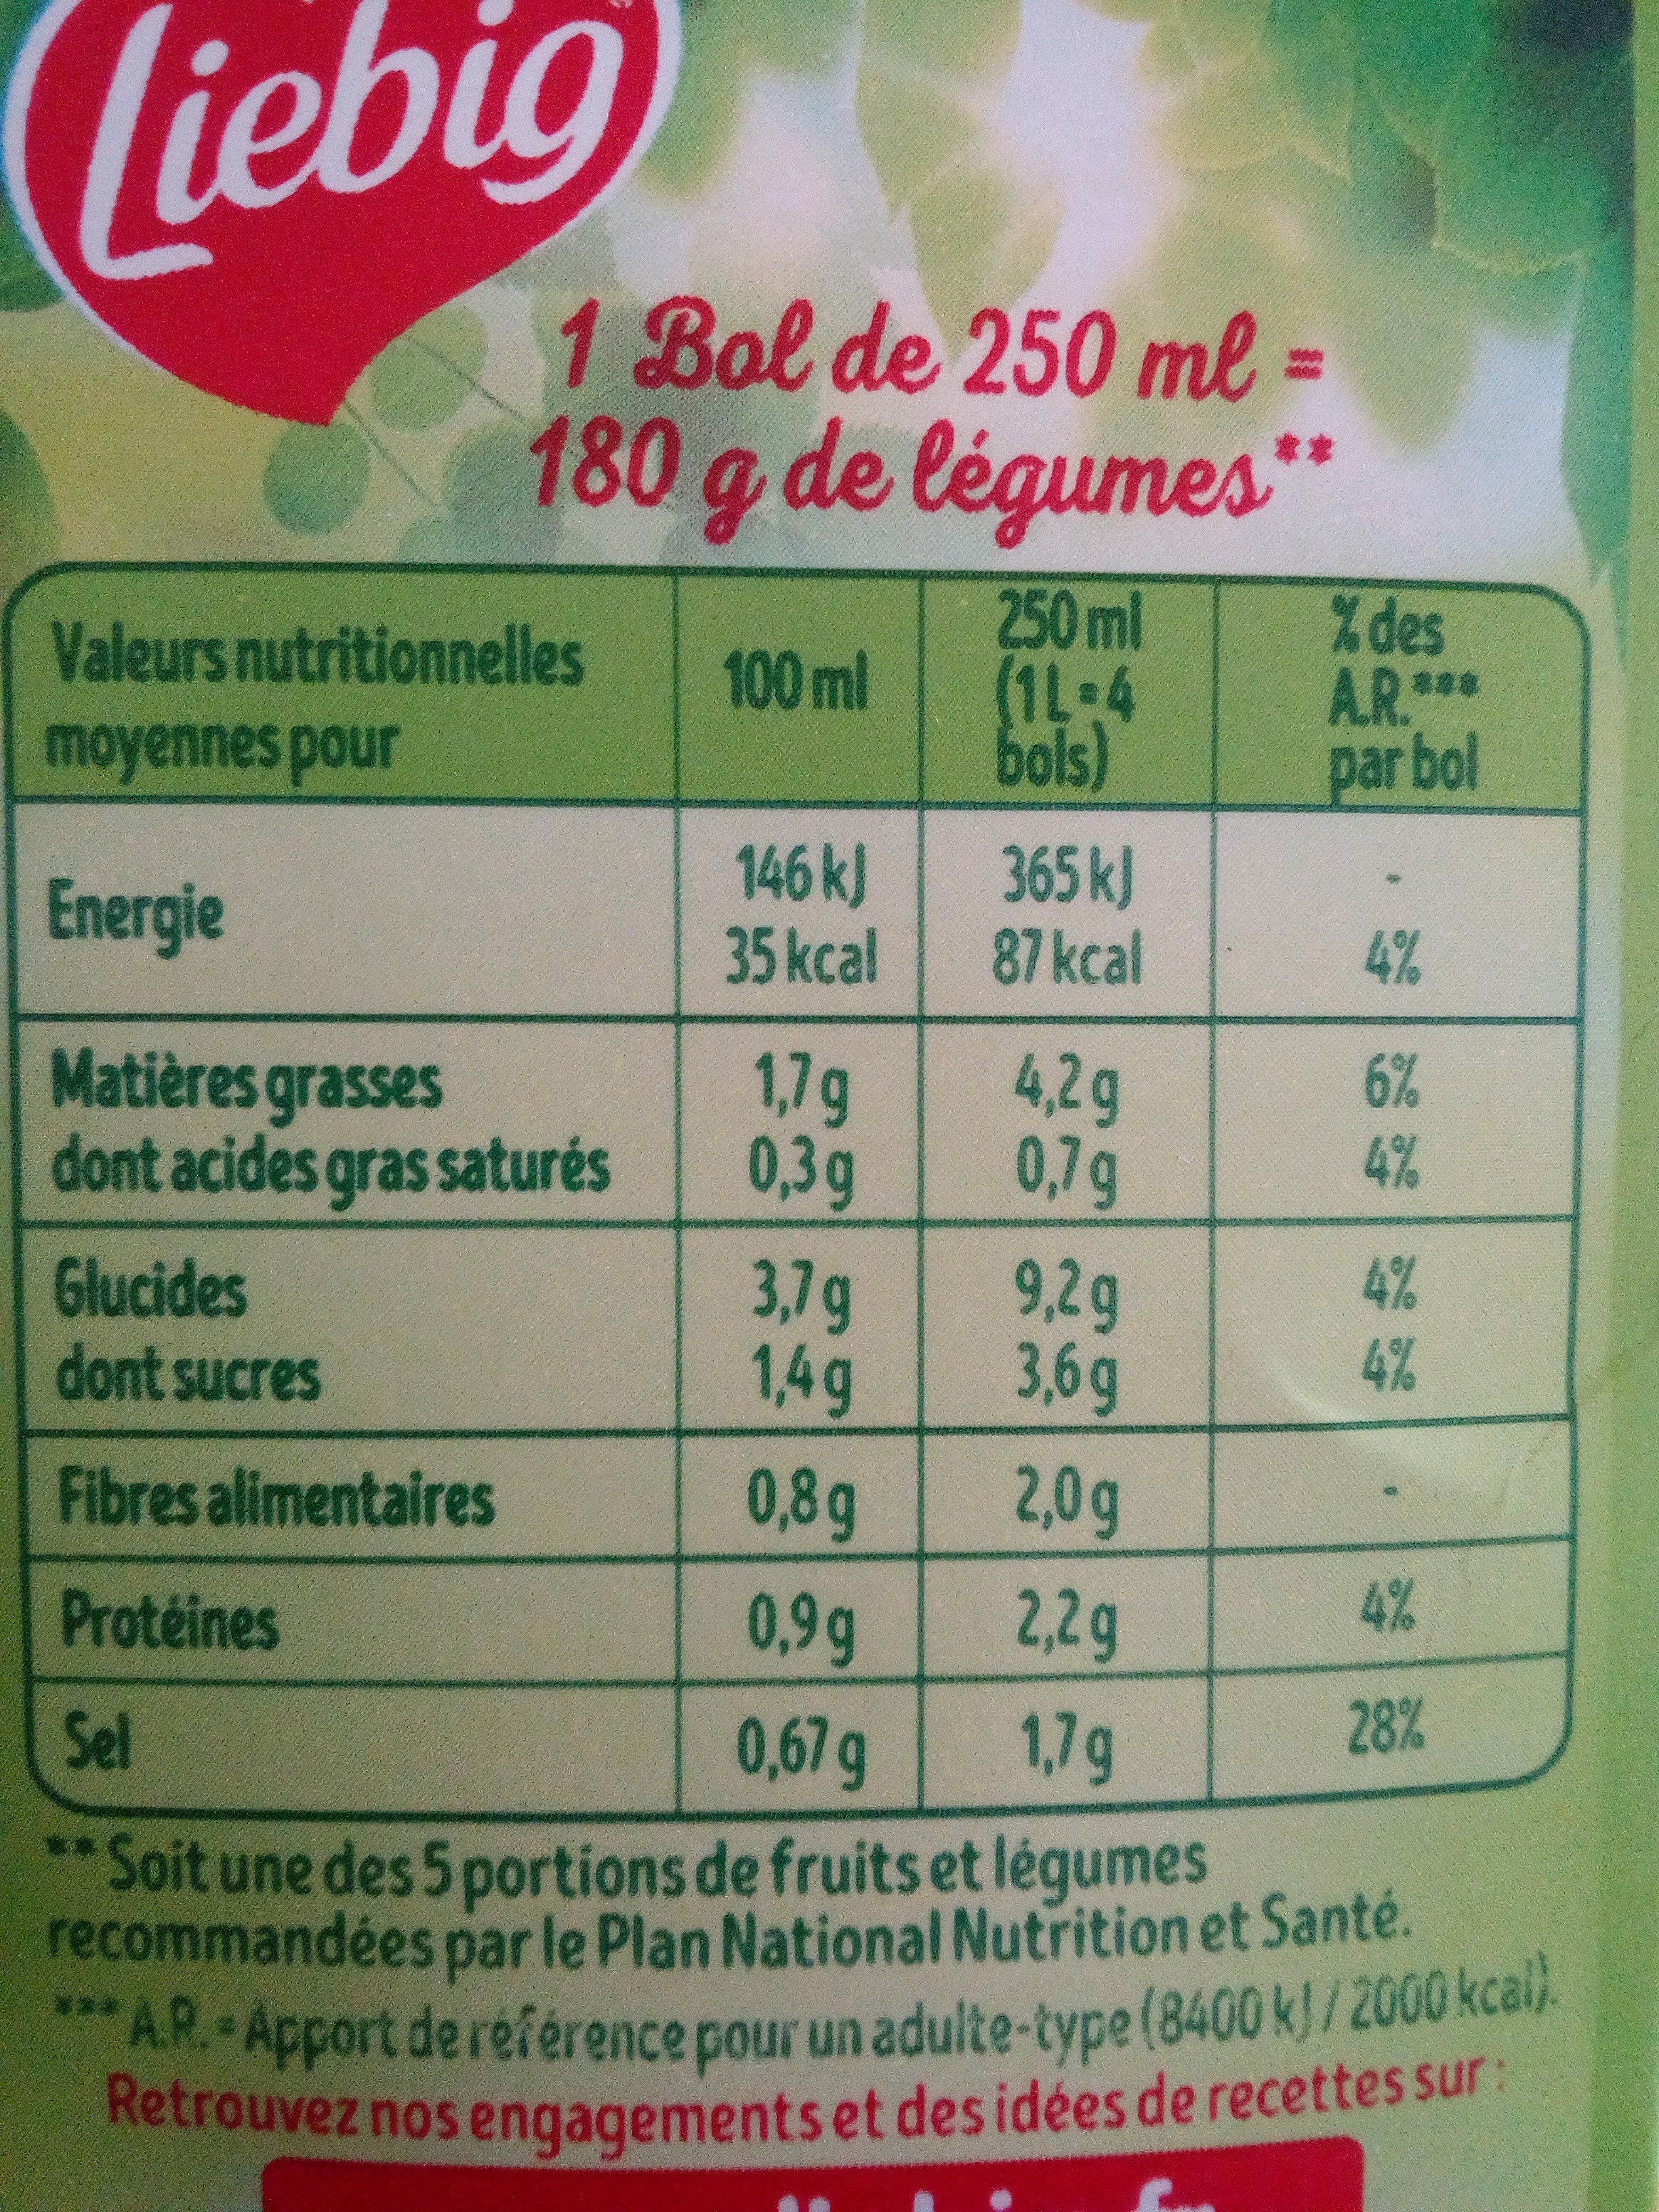 Velouté de Légumes du Soleil BIO - Informations nutritionnelles - fr